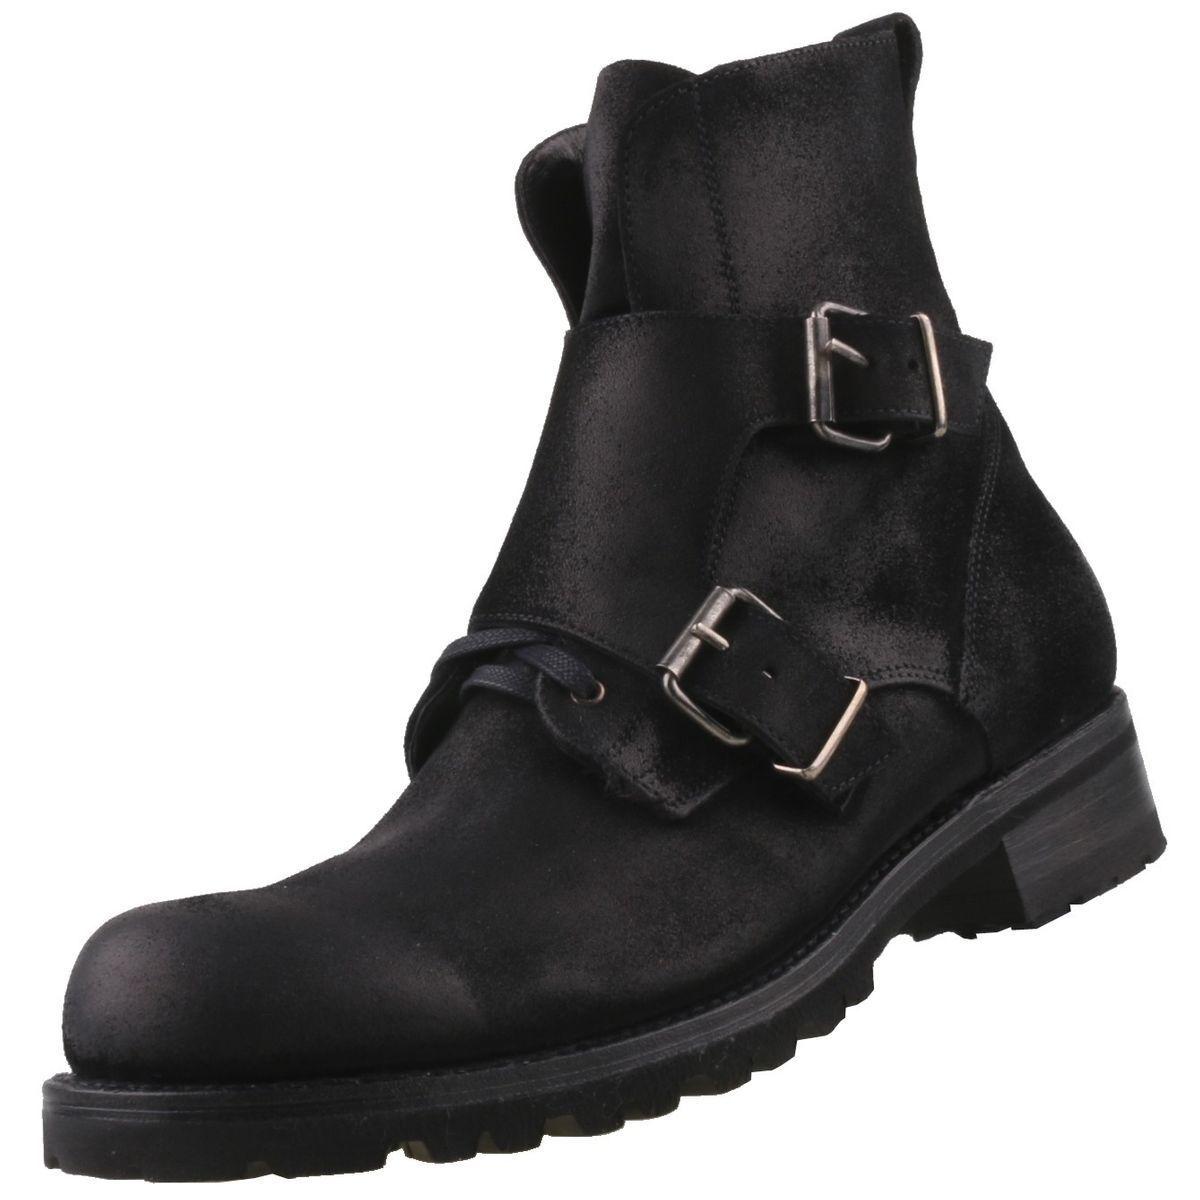 NUOVO SENDRA stivali stivali stivali scarpe uomo 13844 IN PELLE 96af0b